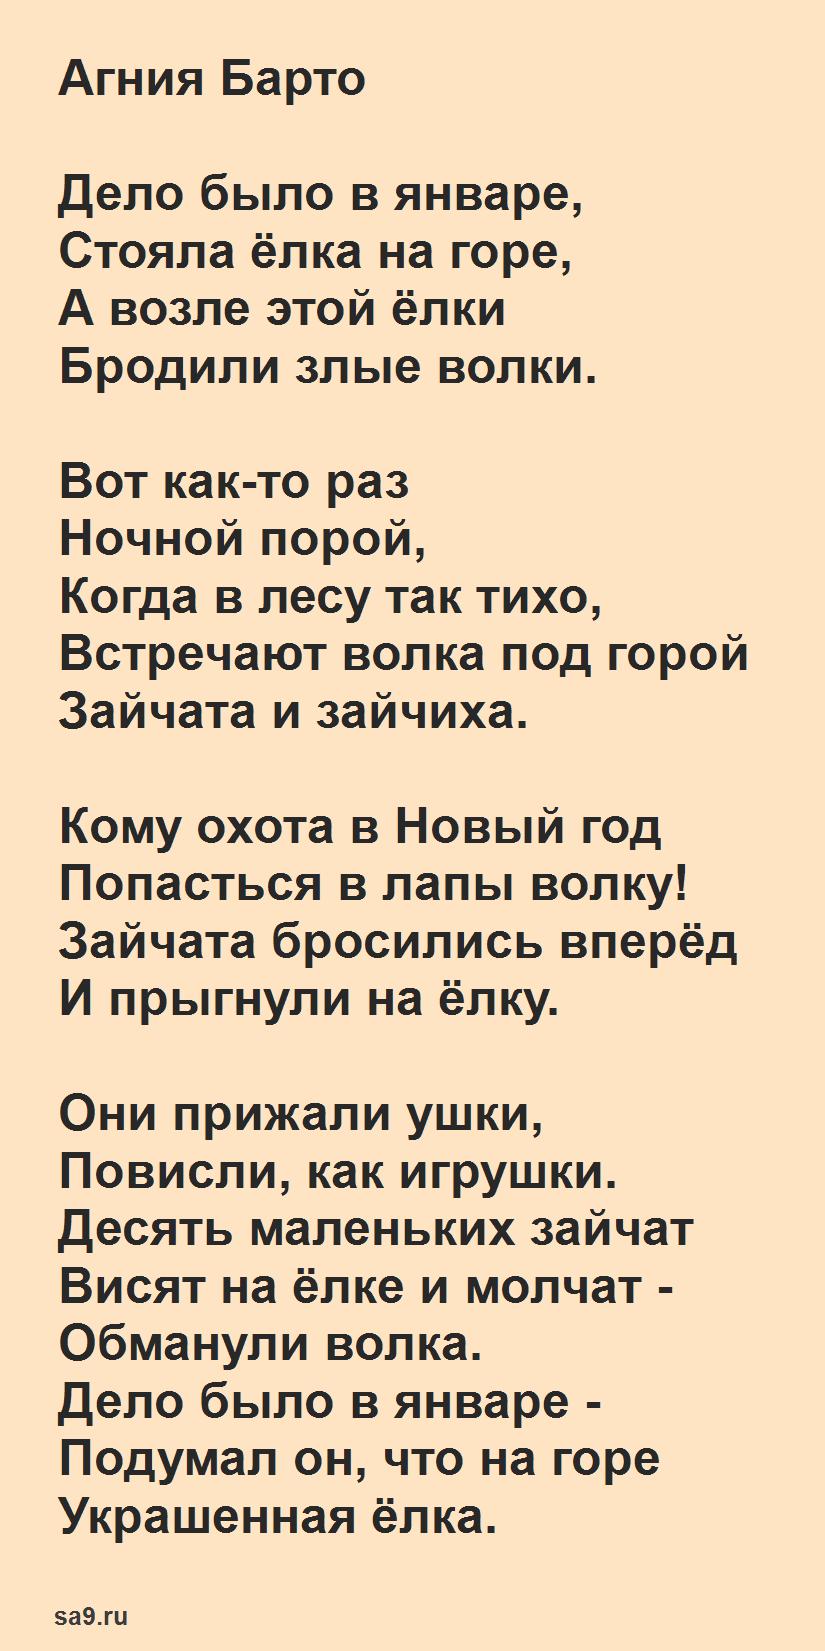 Юмористические стихи про Новый год для школьников